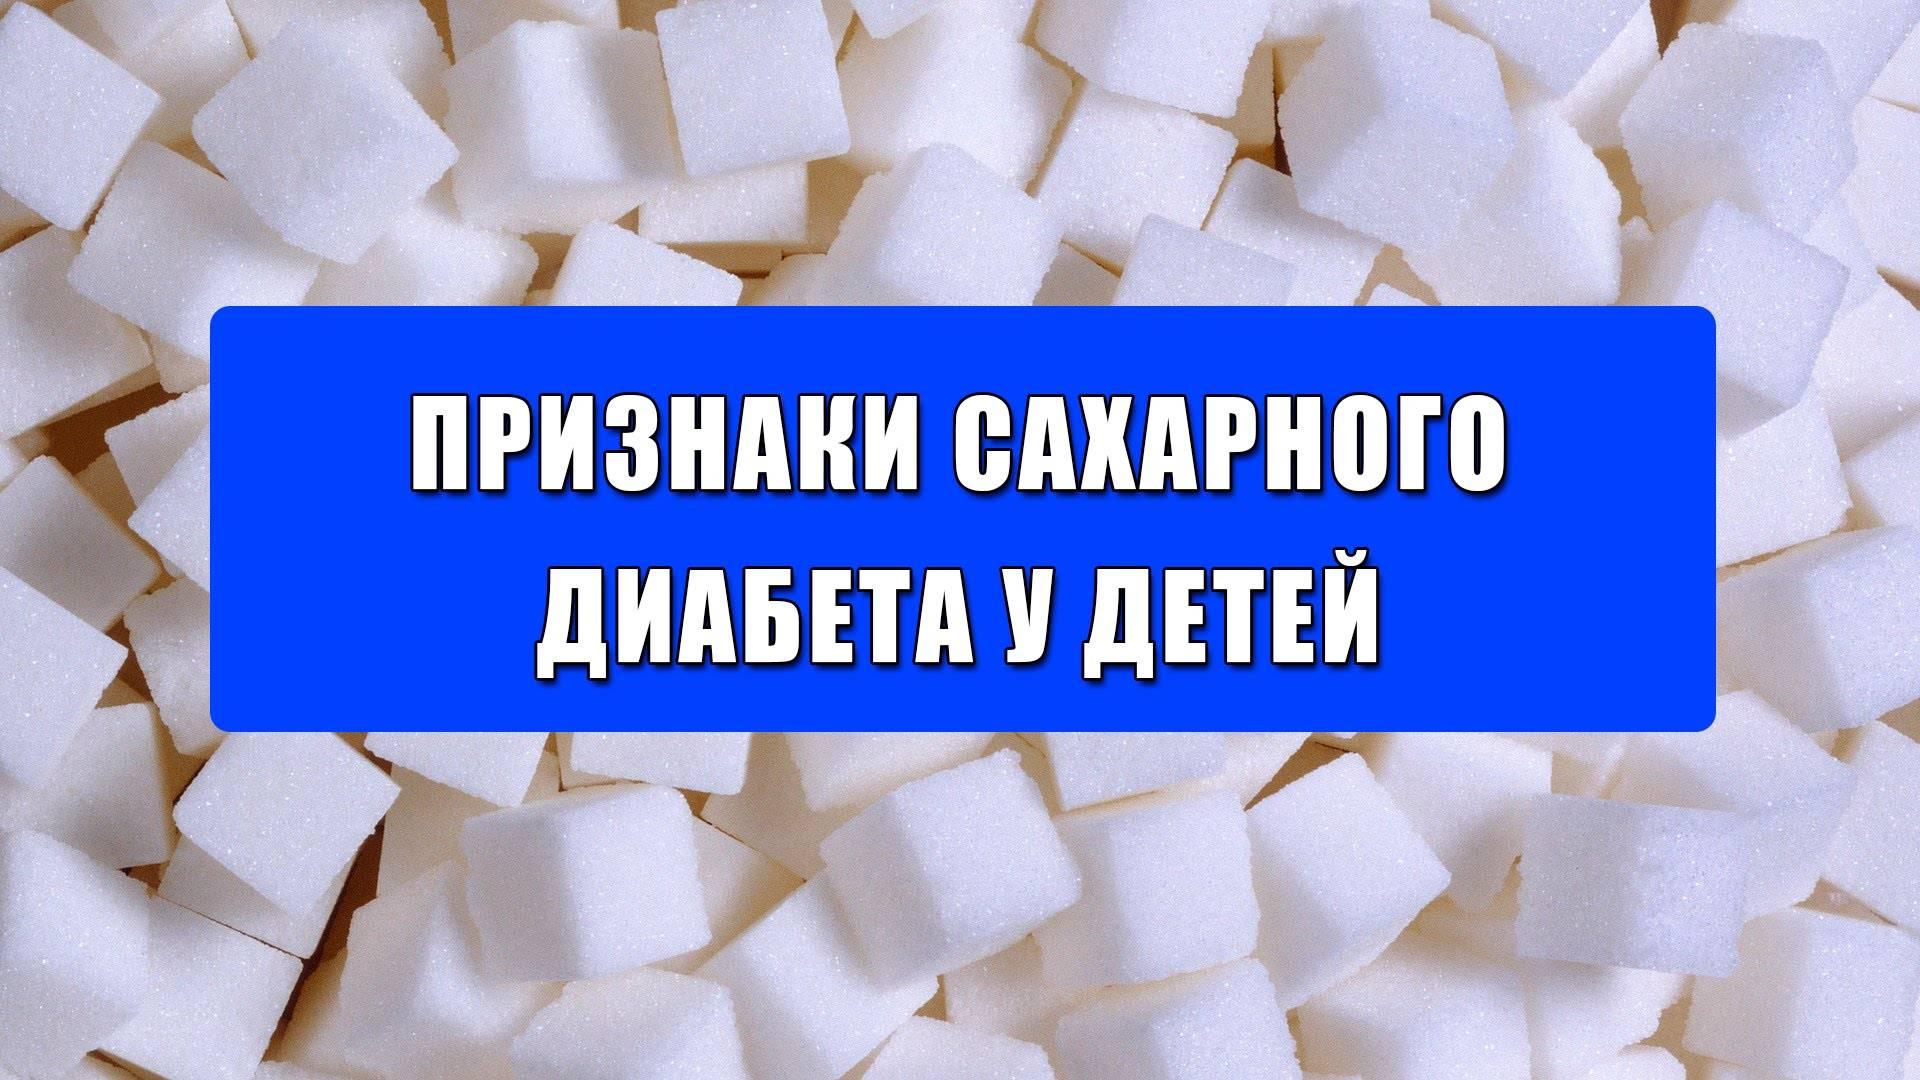 Как быстро развивается у детей сахарный диабет